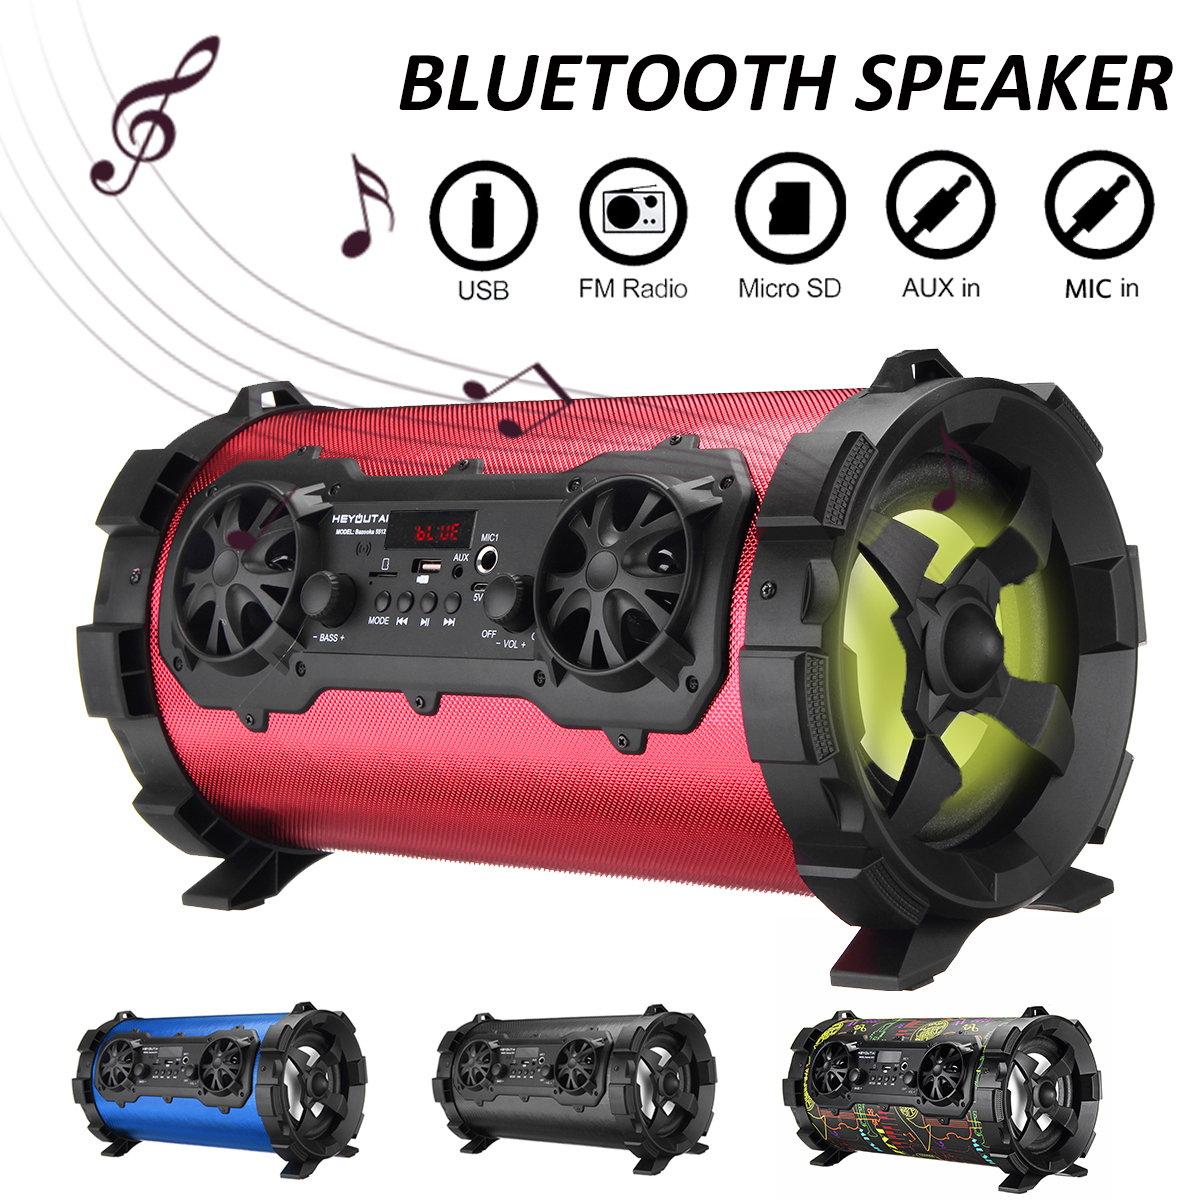 25 W bluetooth sans fil V4.1 Haut-Parleur Portable Haut-Parleur système audio AUX/USB/TF Carte/Radio FM Haut-Parleur Extérieur Lecteur musique